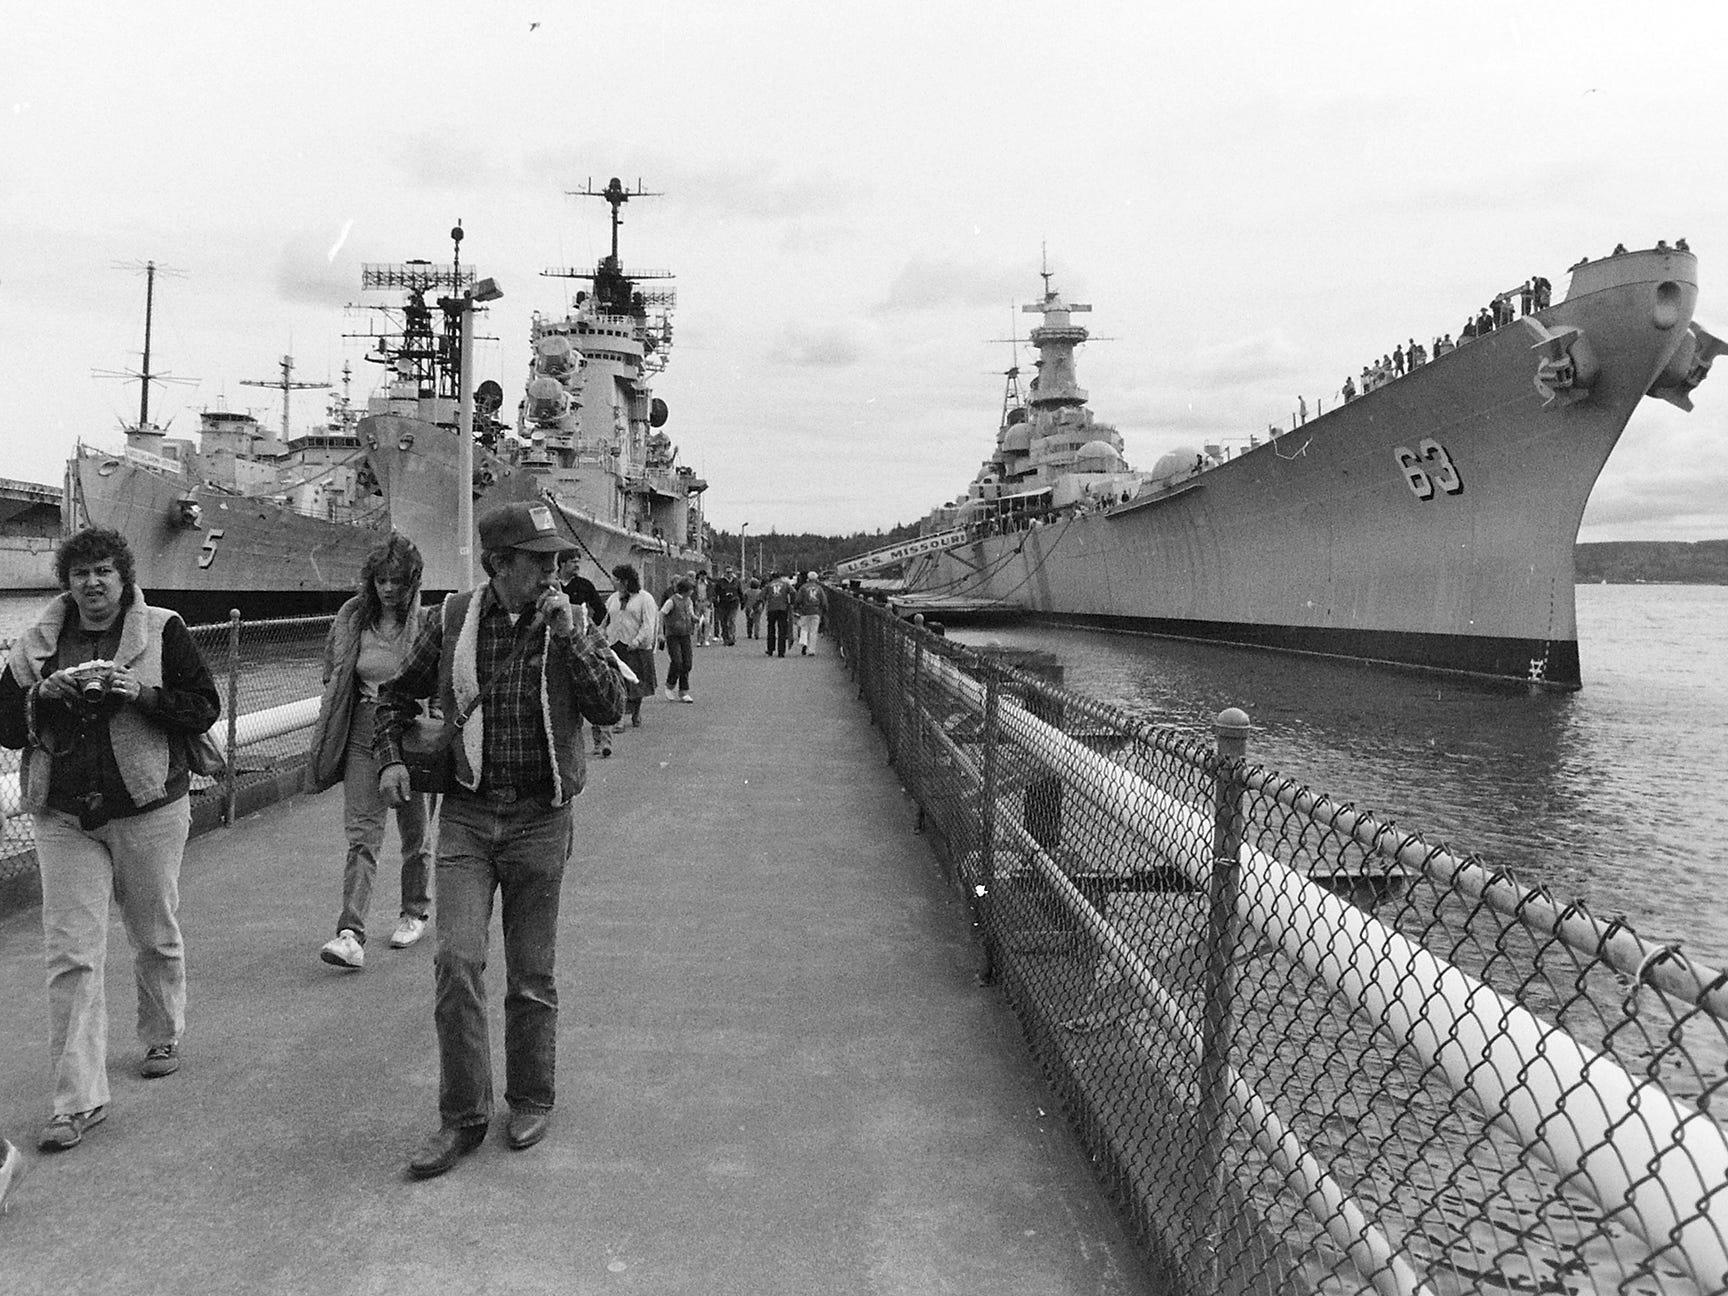 04/30/84Last Day On The USS Missouri